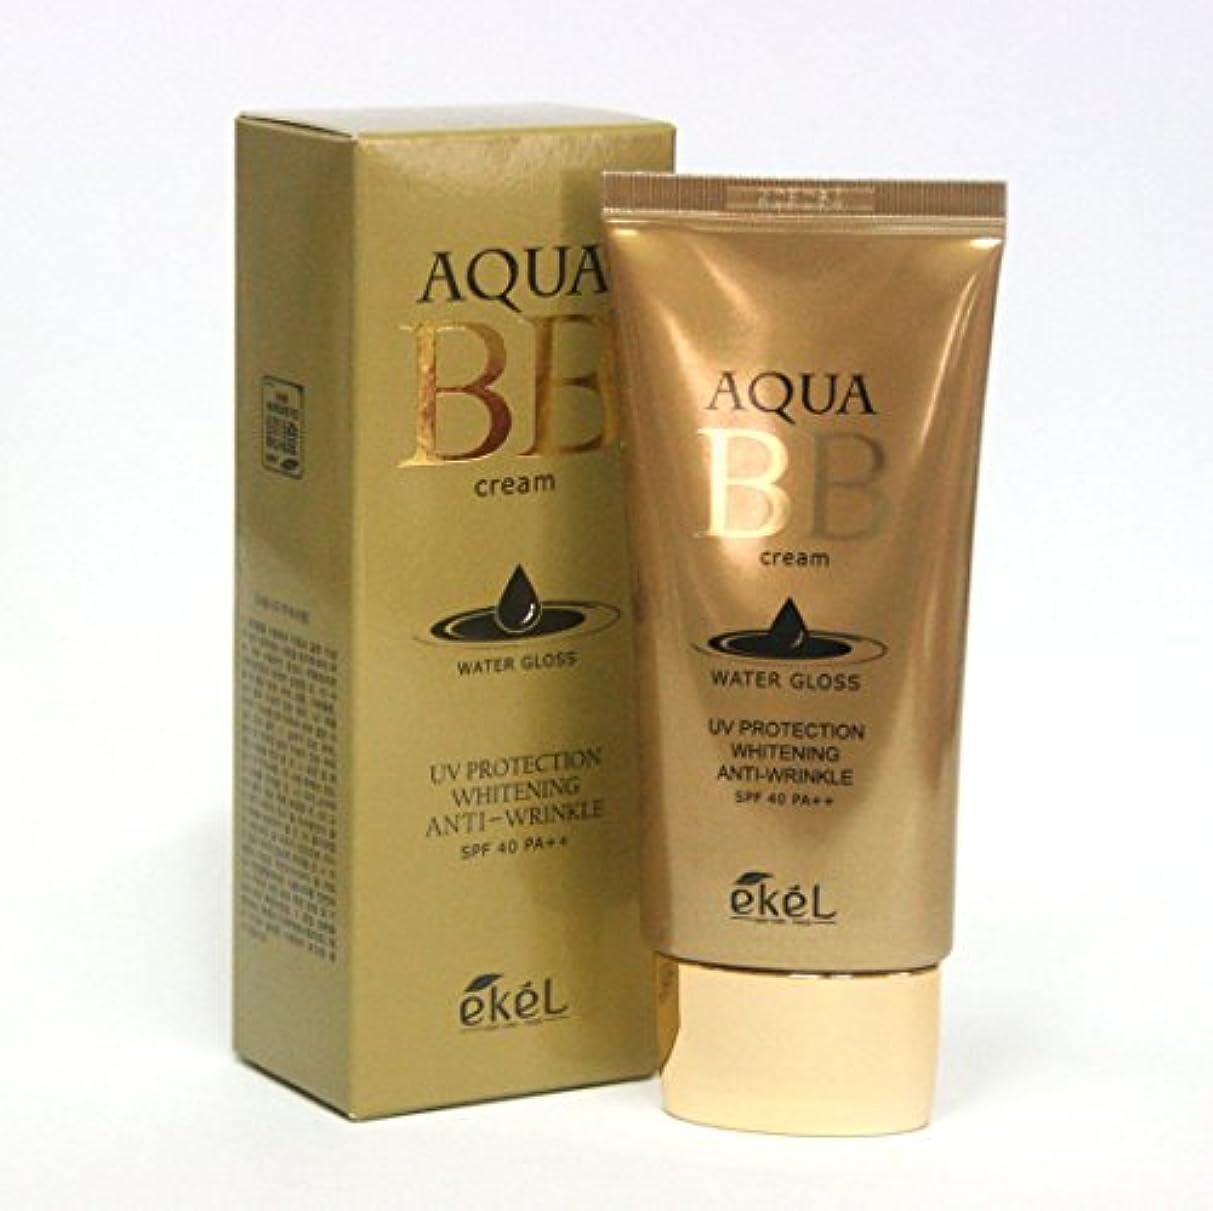 有害証書サスペンド[Ekel] アクアBBウォーターグロスクリーム50ml / Aqua BB Water Gloss Cream 50ml / ワイトニングアンチリンクルSPF40 PA++ / Whitening Anti-wrinkle...